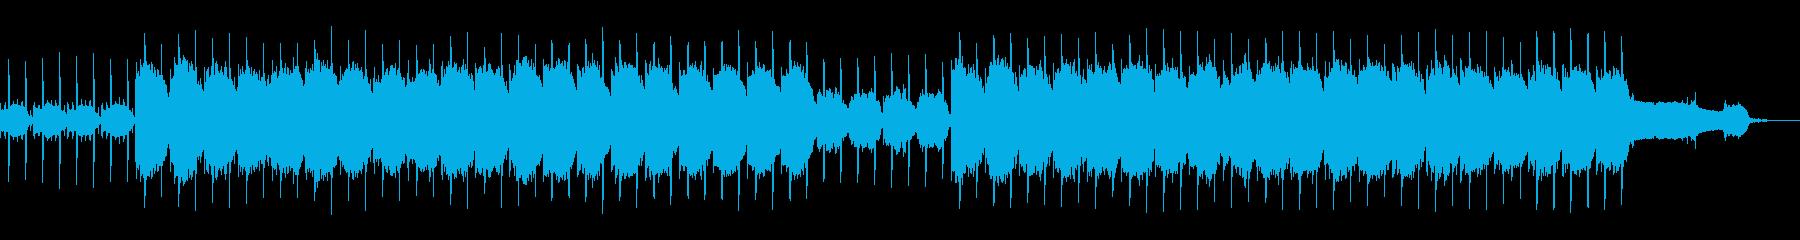 サックスが心地いいlofi-hiphopの再生済みの波形